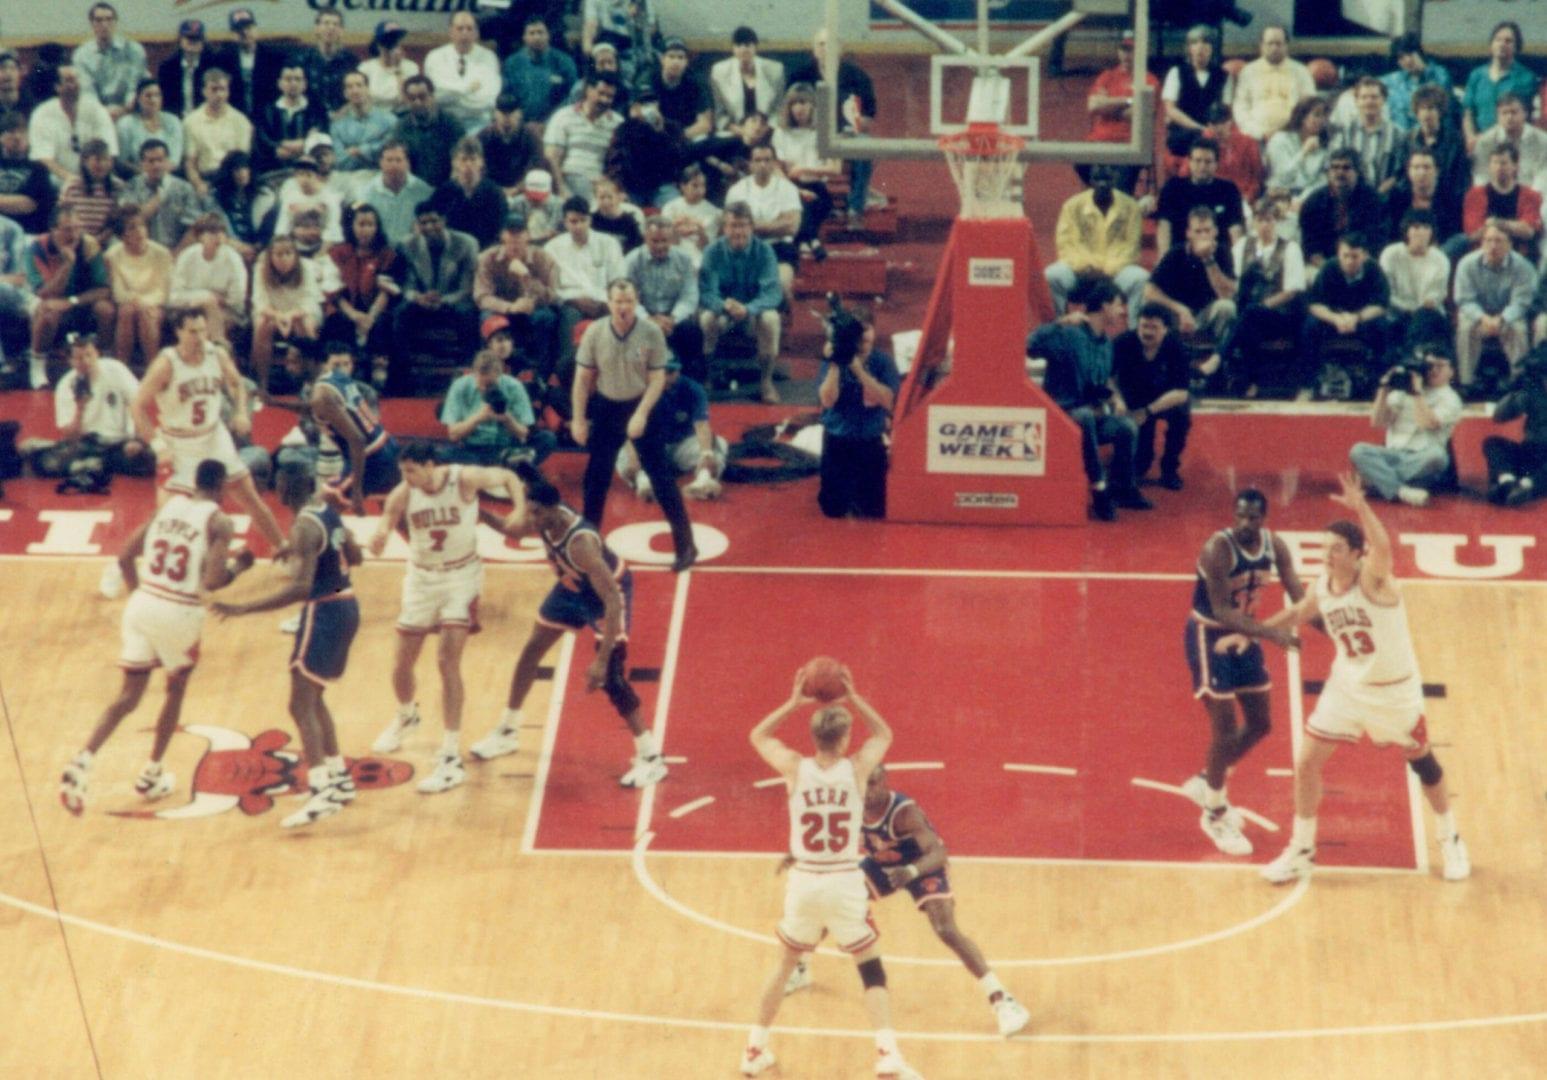 Steve Kerr holding the ball